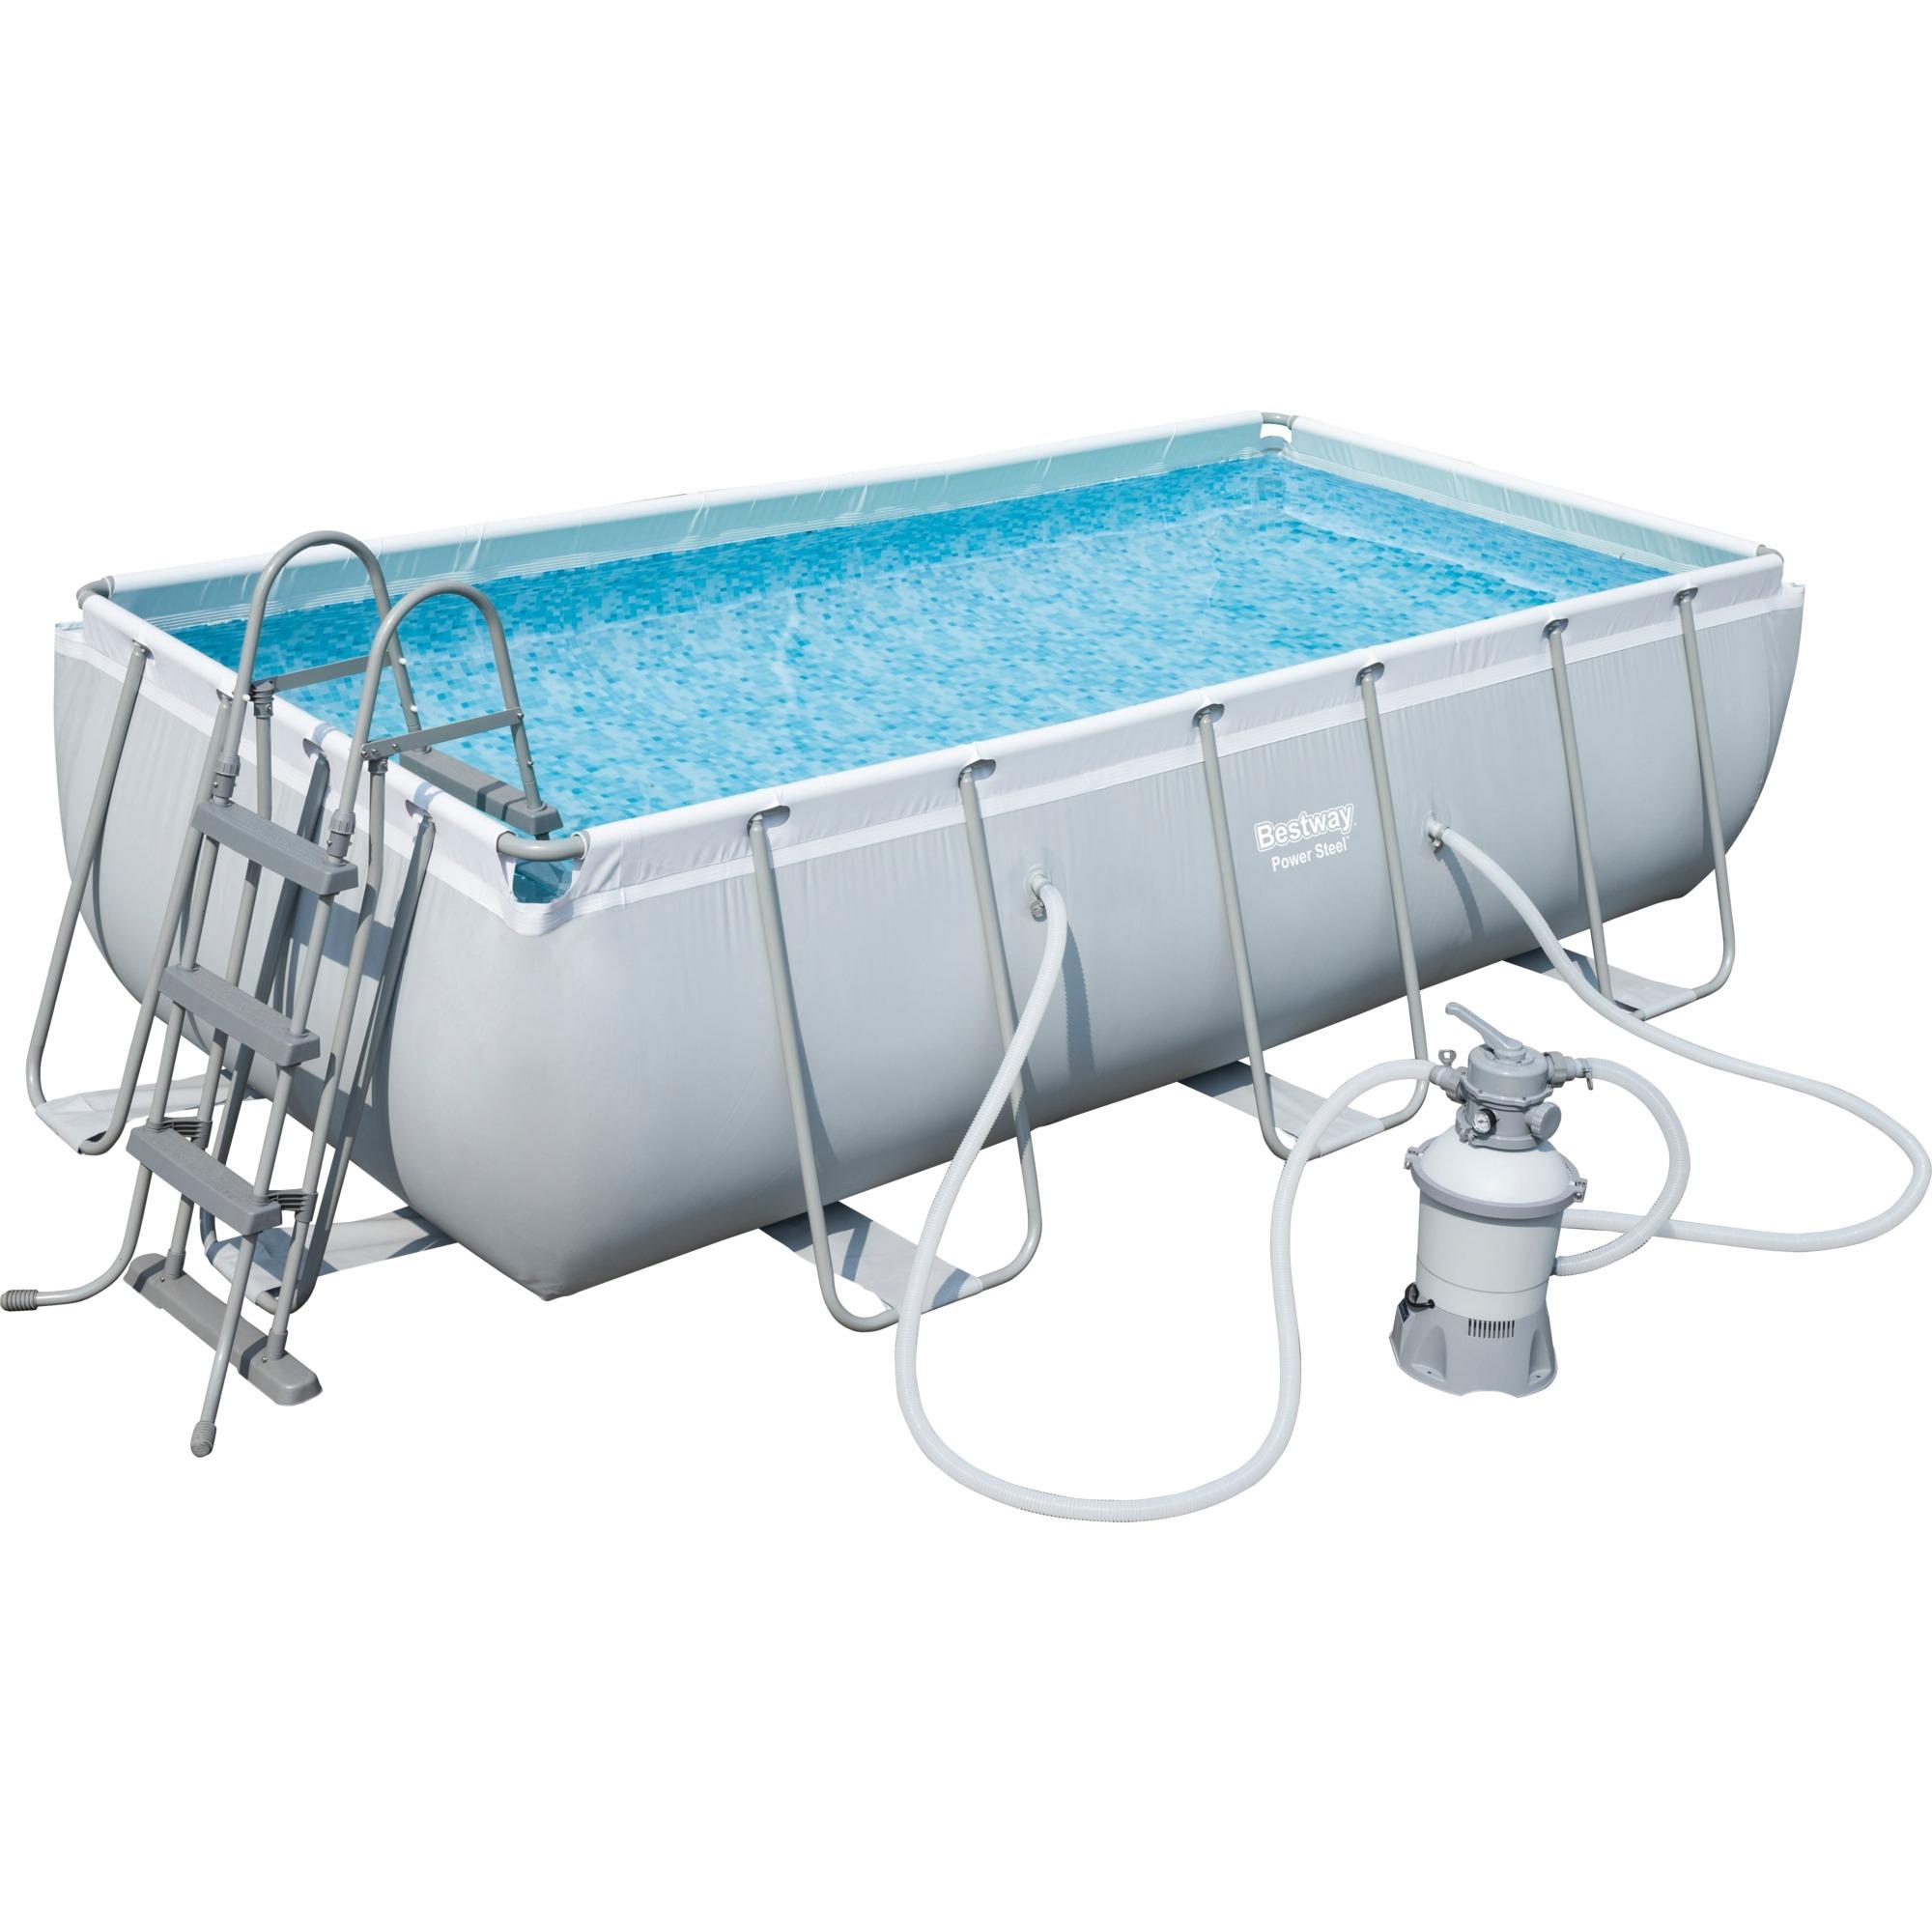 power-steel-56442-framed-pool-rectangular-pool-6478l-blaa-graa-swimmingpool-til-over-jorden-swimming-pool